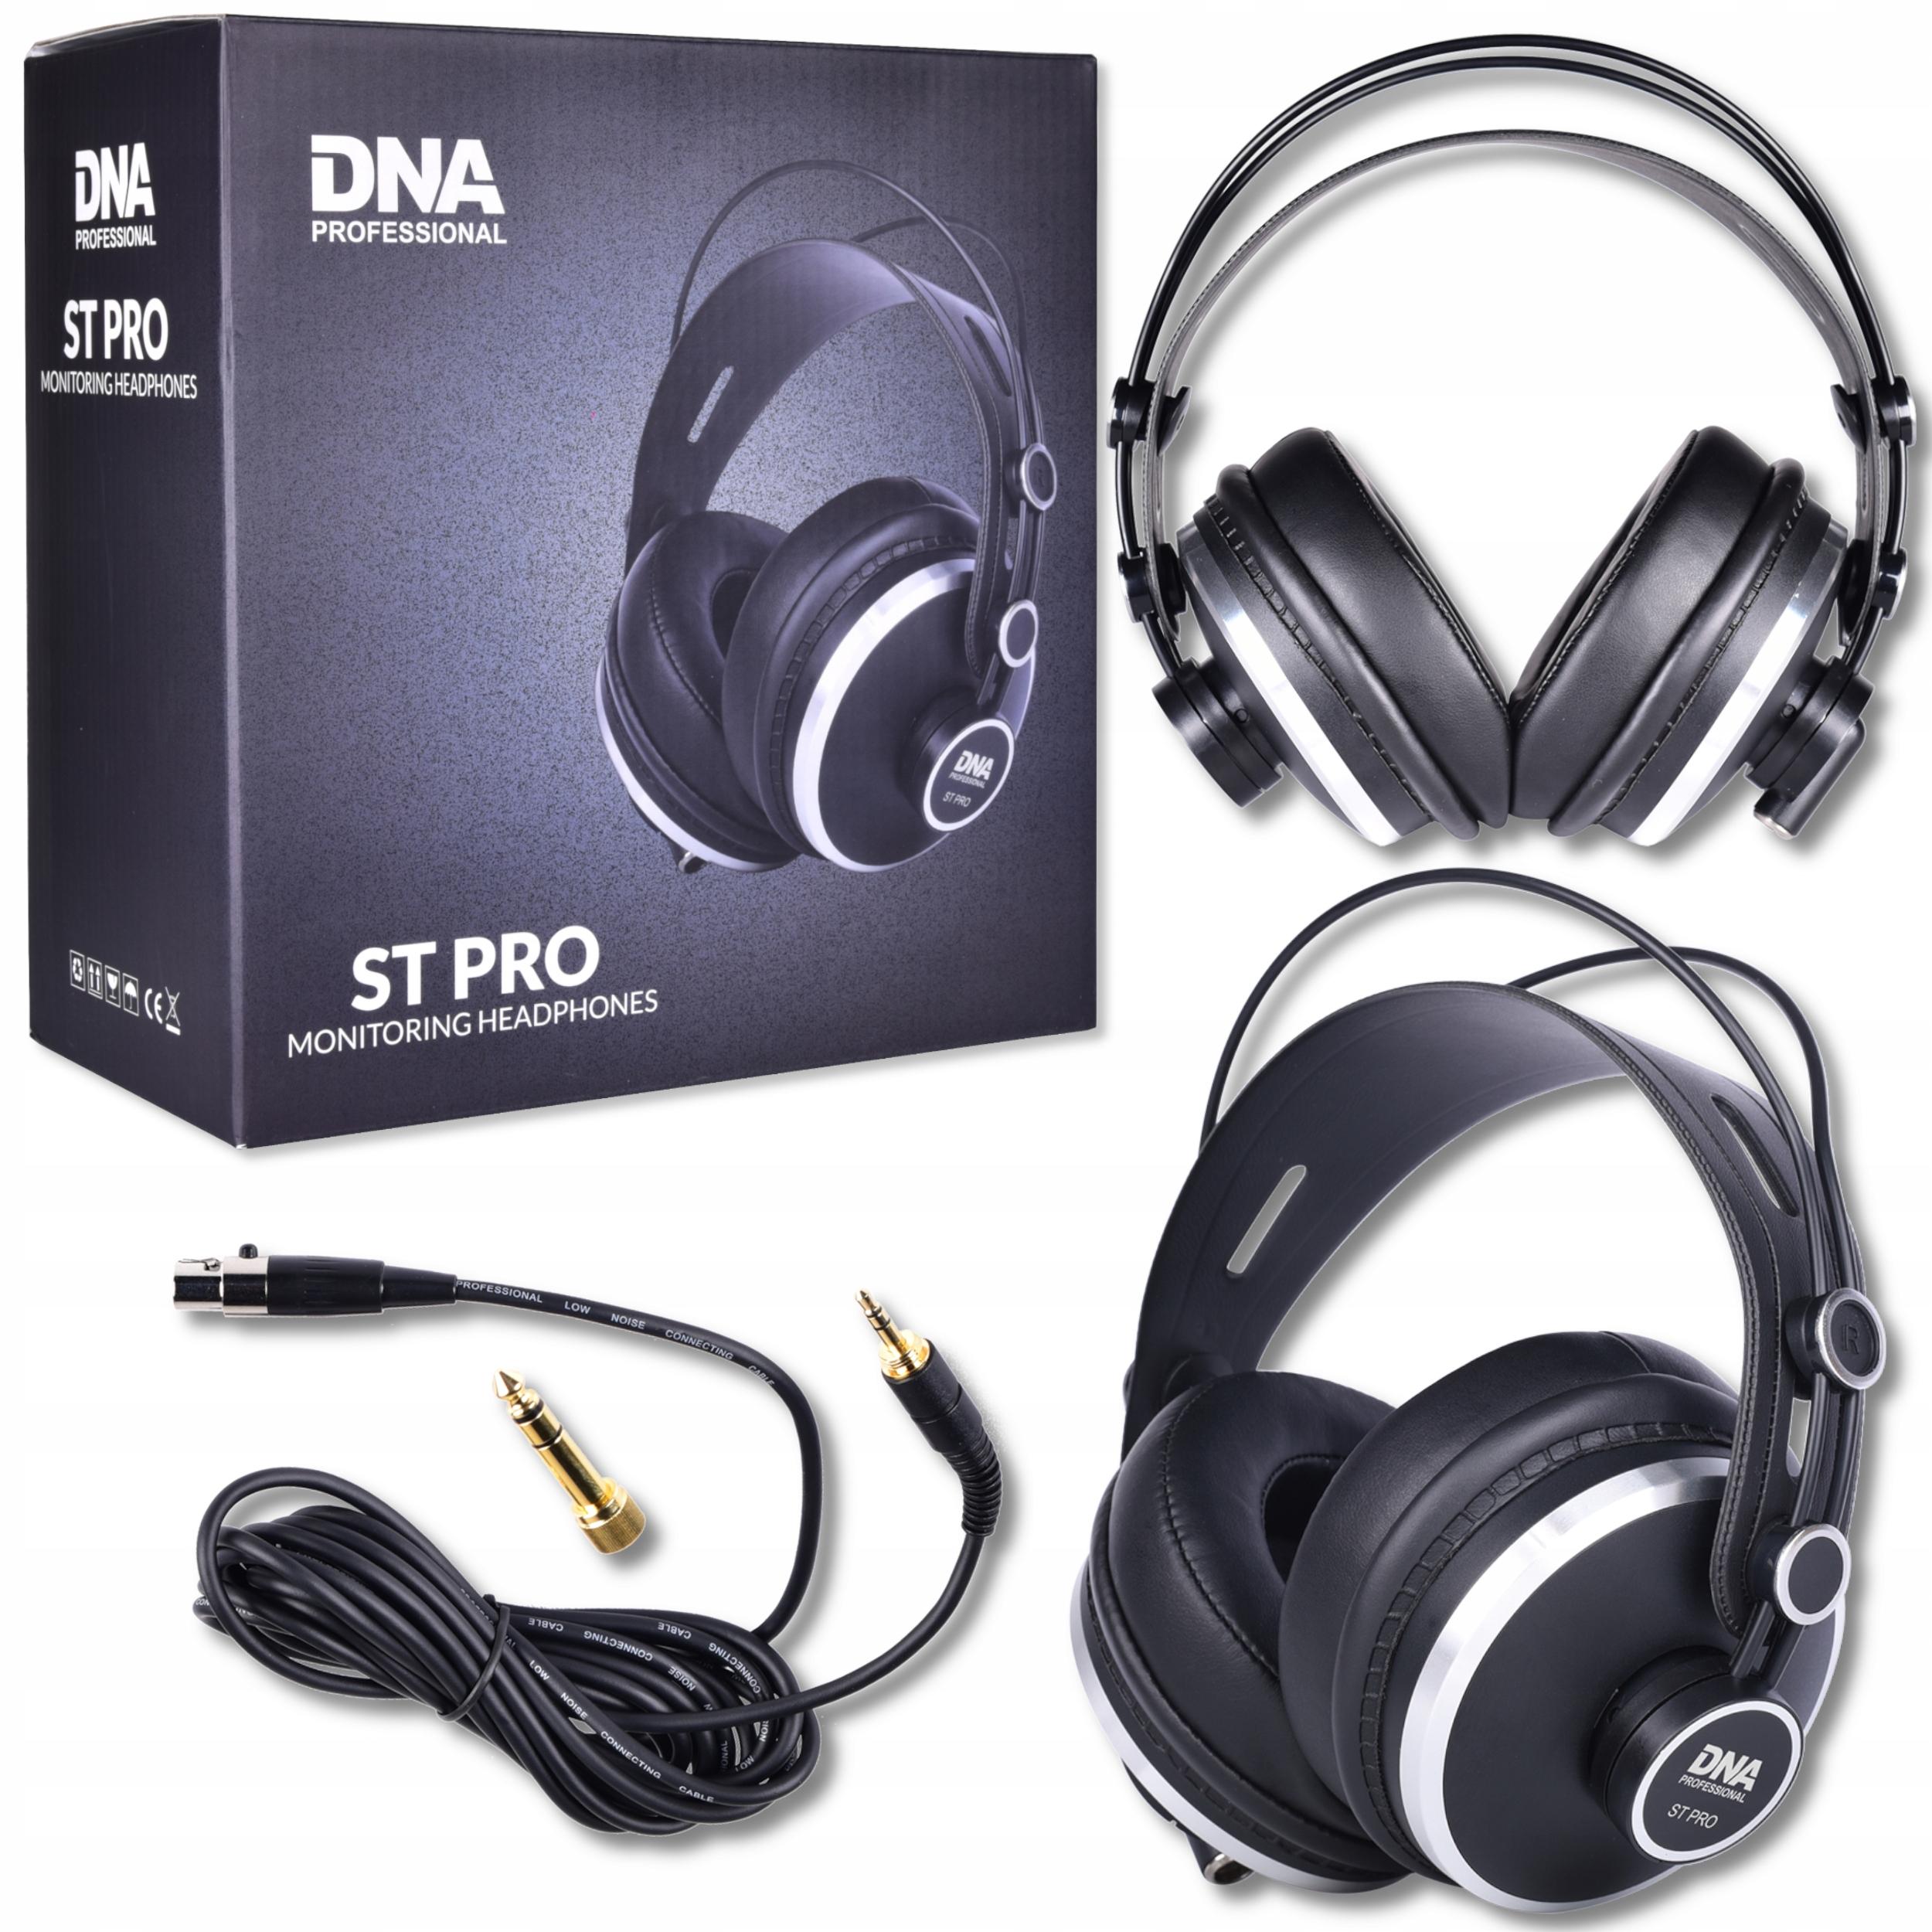 Item DNA ST PRO Studio headphones closed invoices